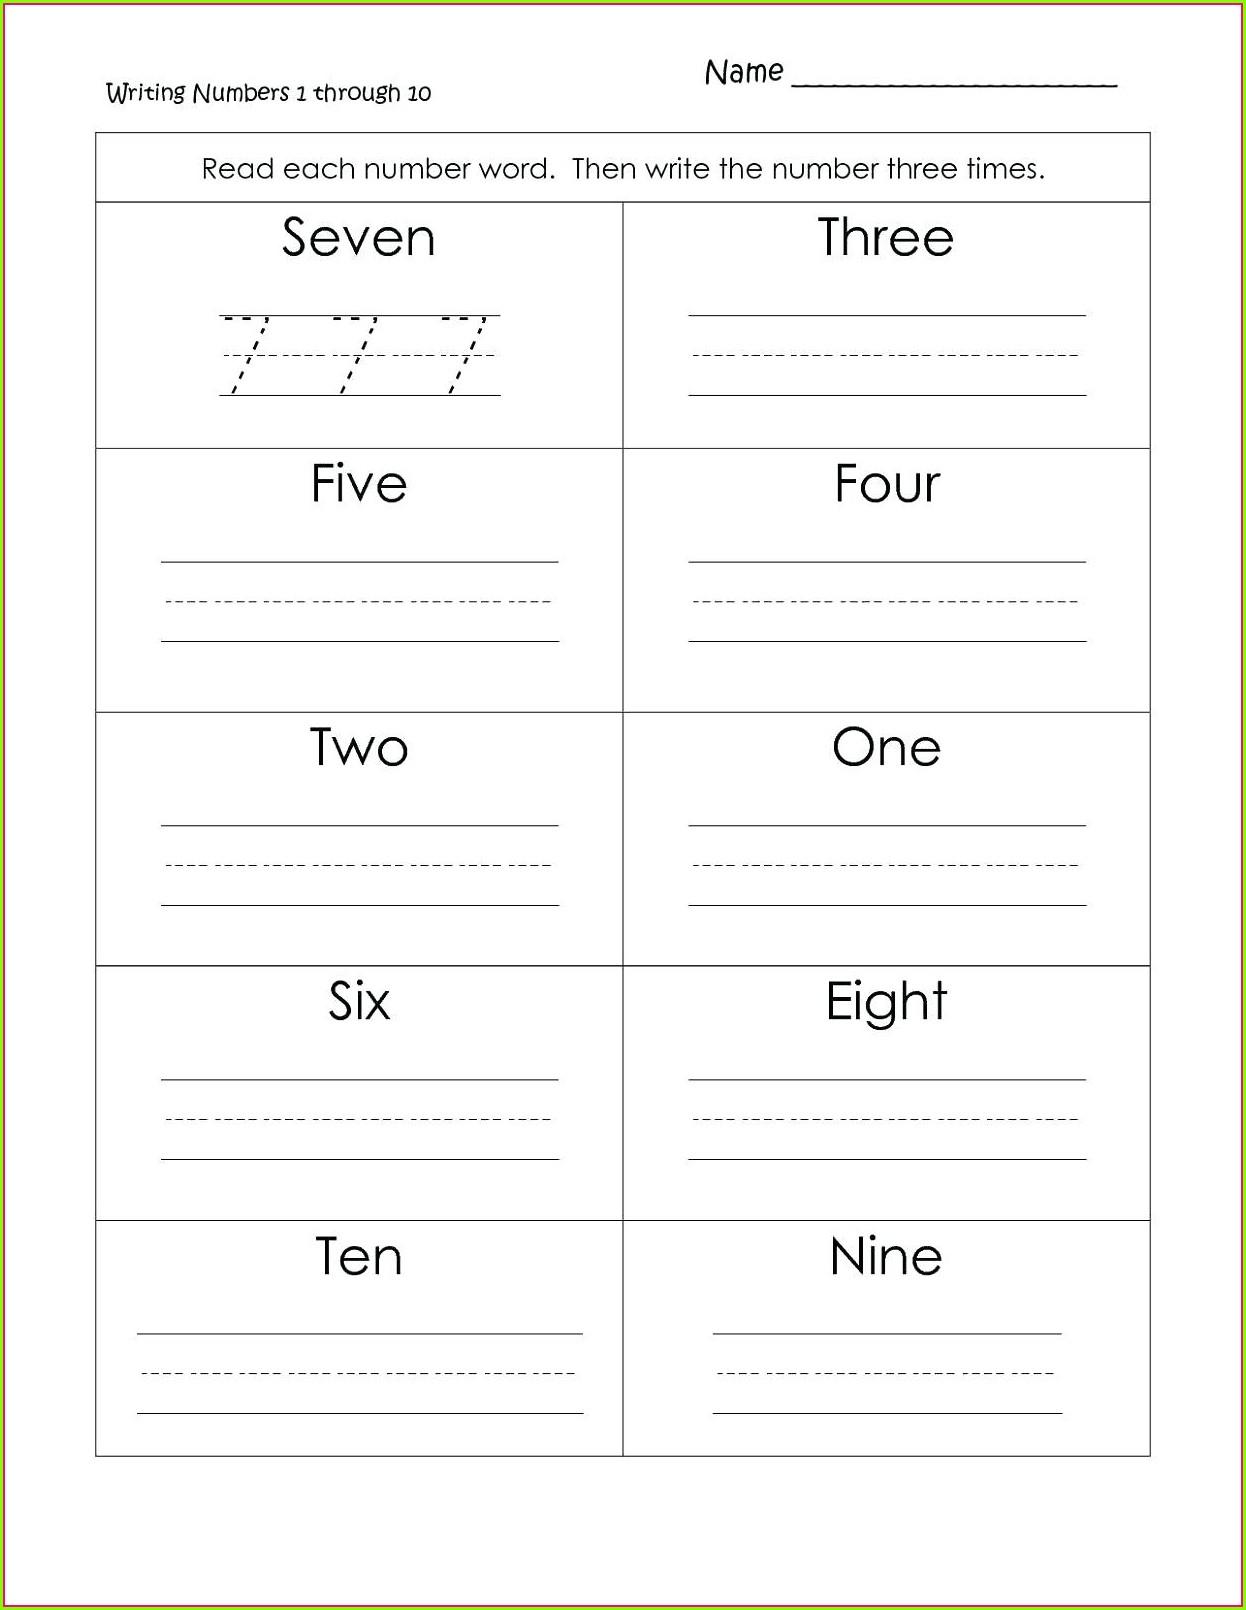 Writing Sentences Worksheet For Grade 1 Worksheet Resume